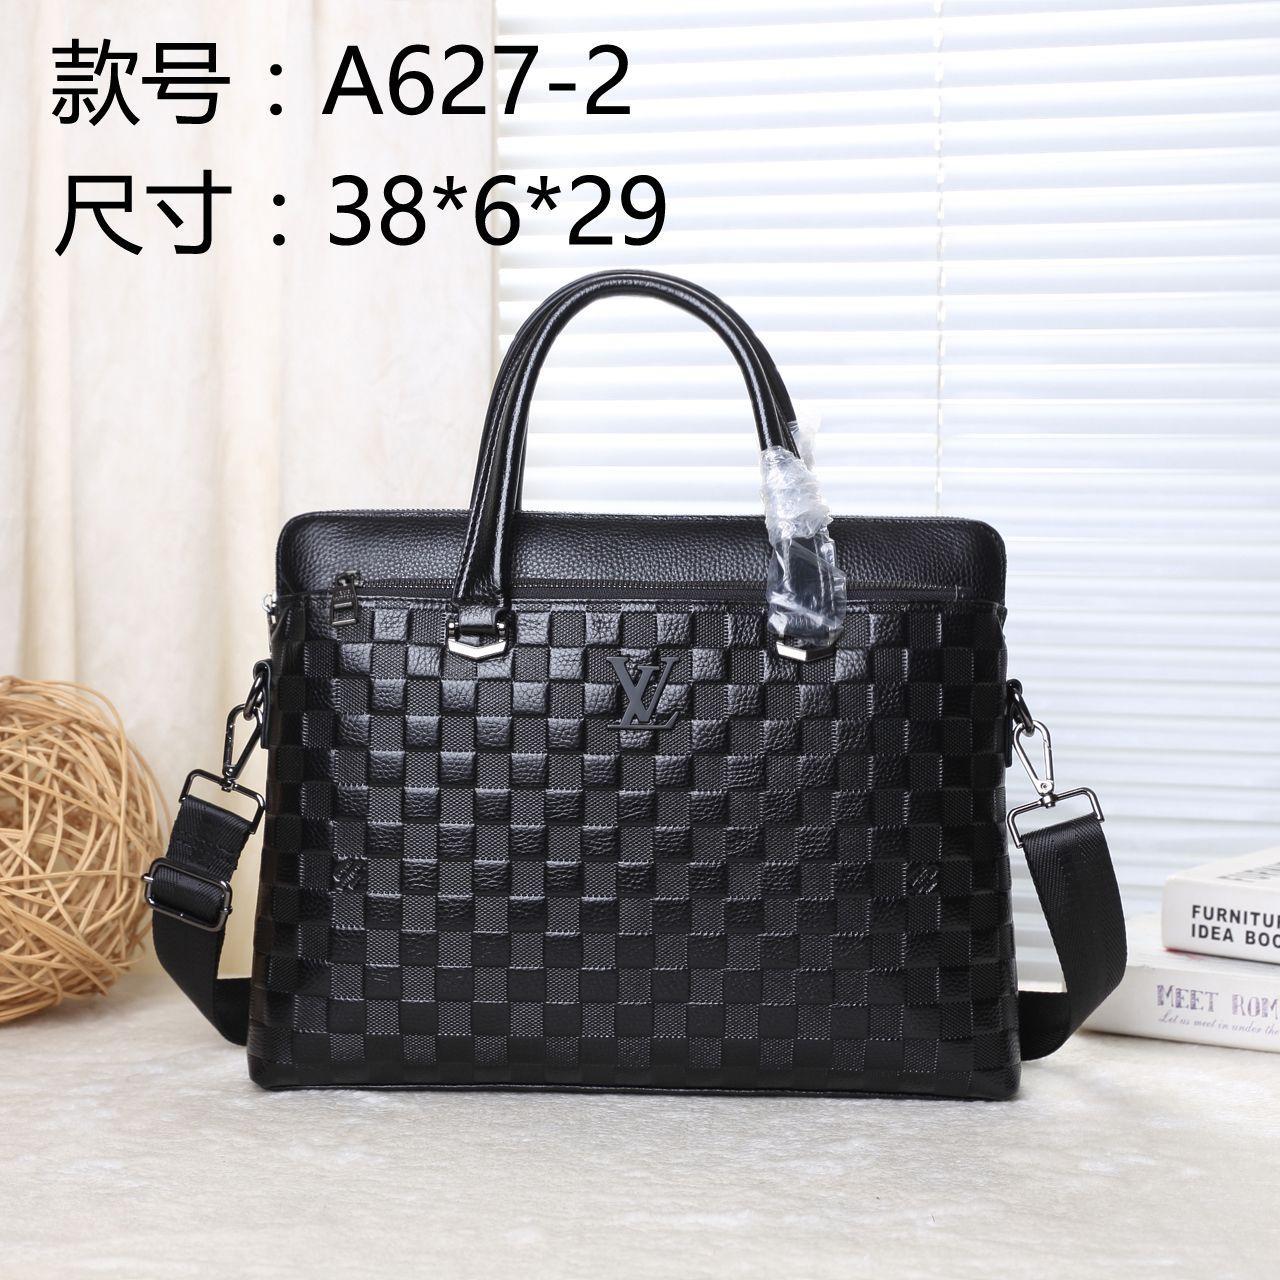 2020 Мода мужчин Классические кошельки сумка человек кожаные сумки черный тренер 010501